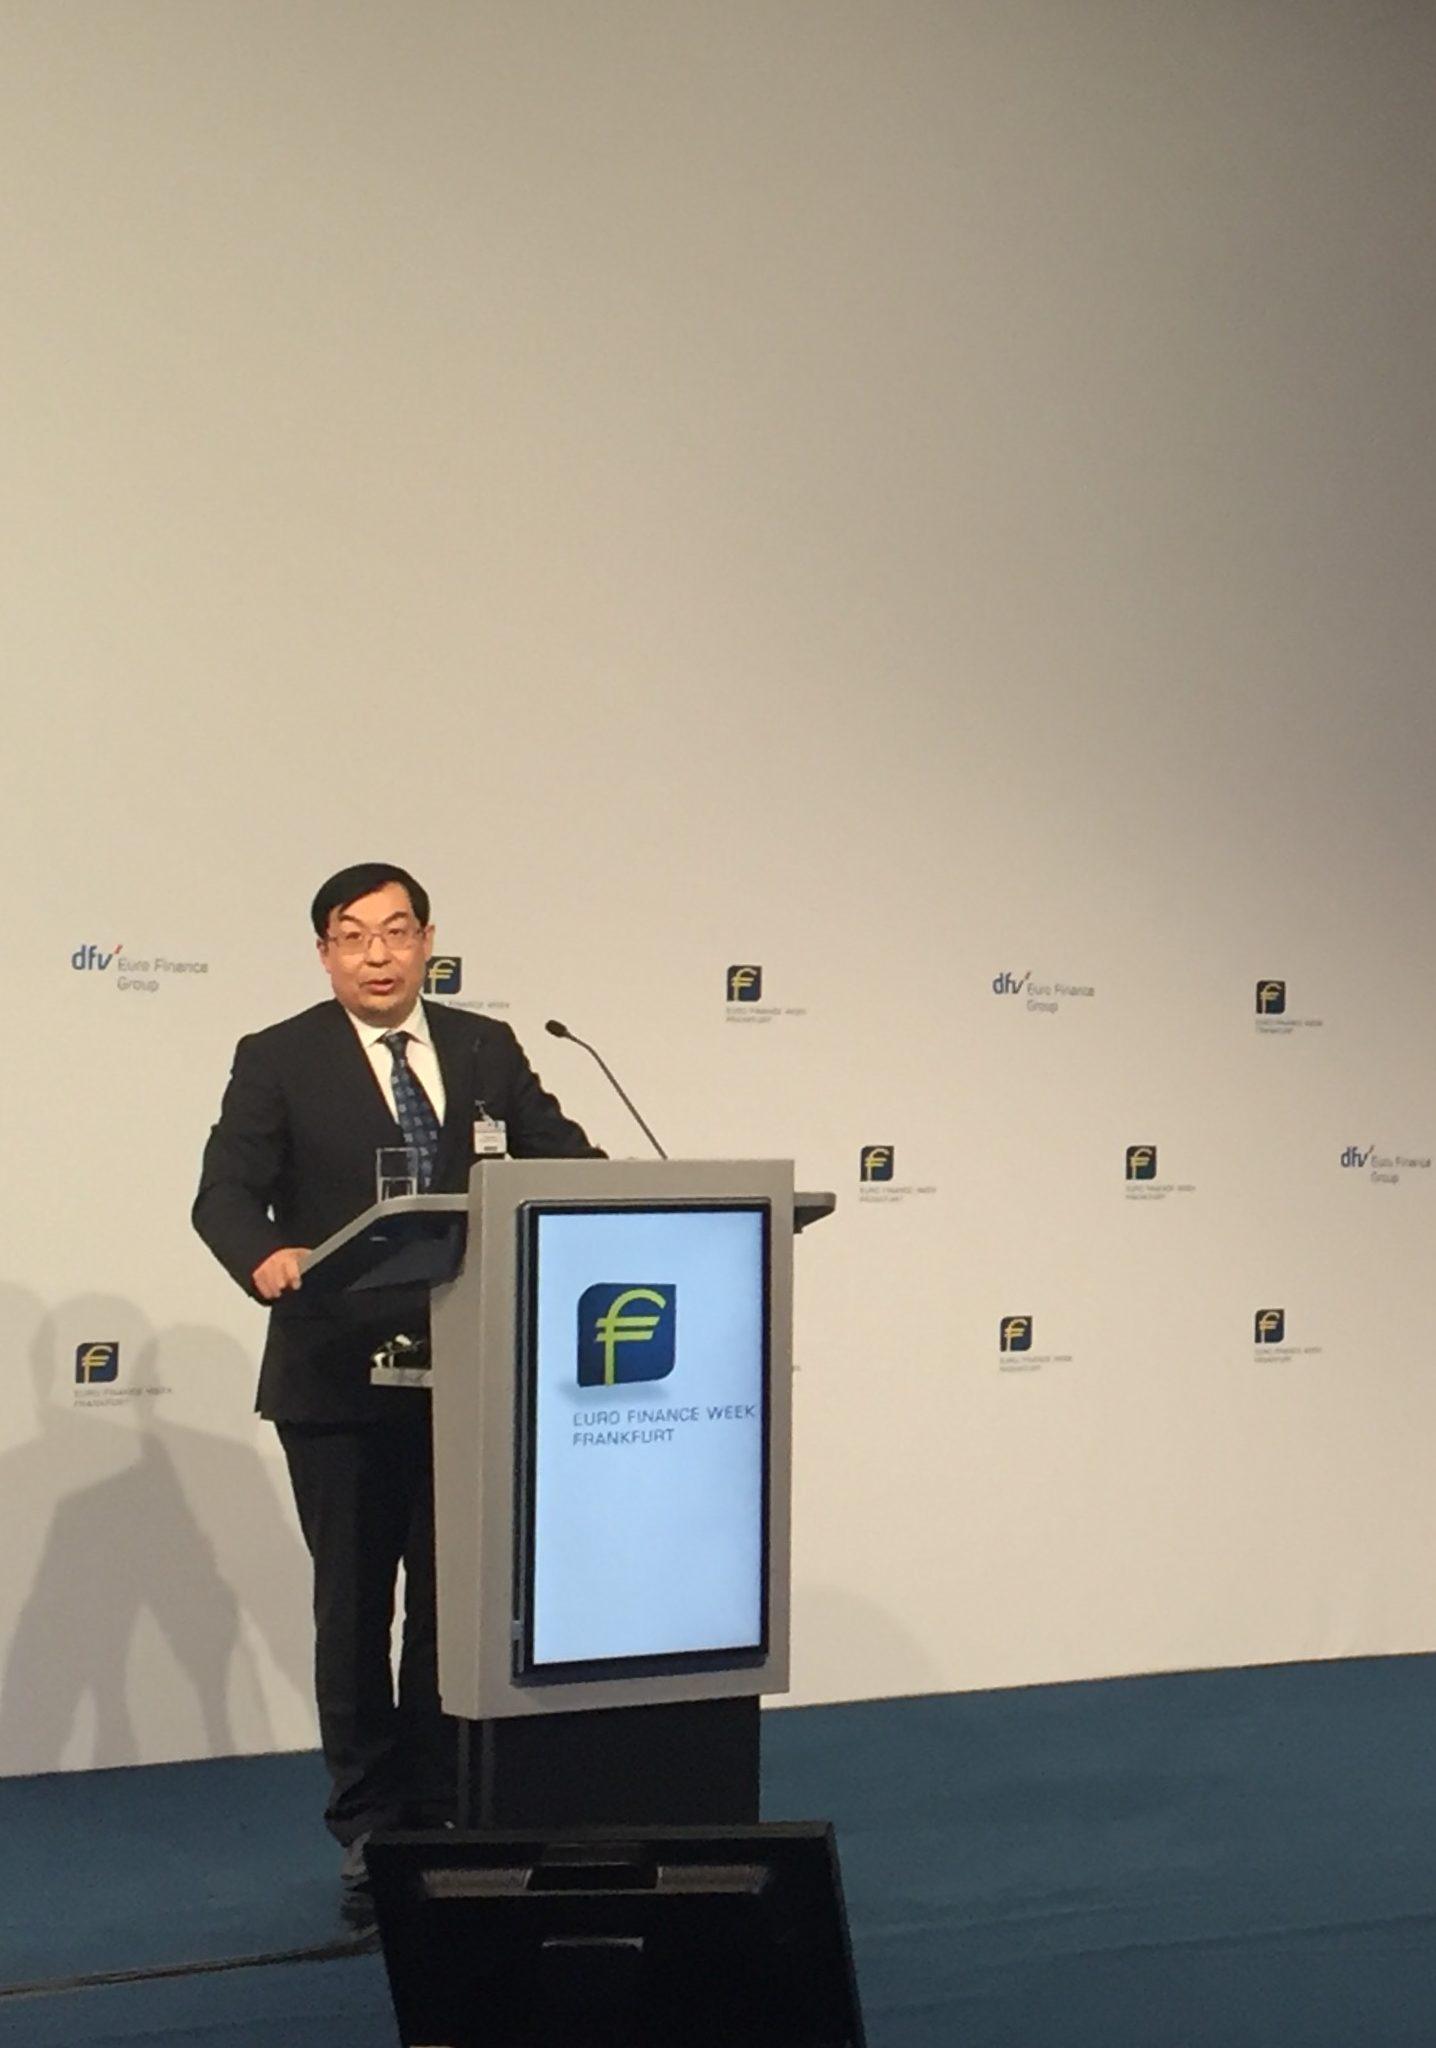 Gesandter Botschaftsrat WANG Weidong bei seiner Eröffnungsansprache